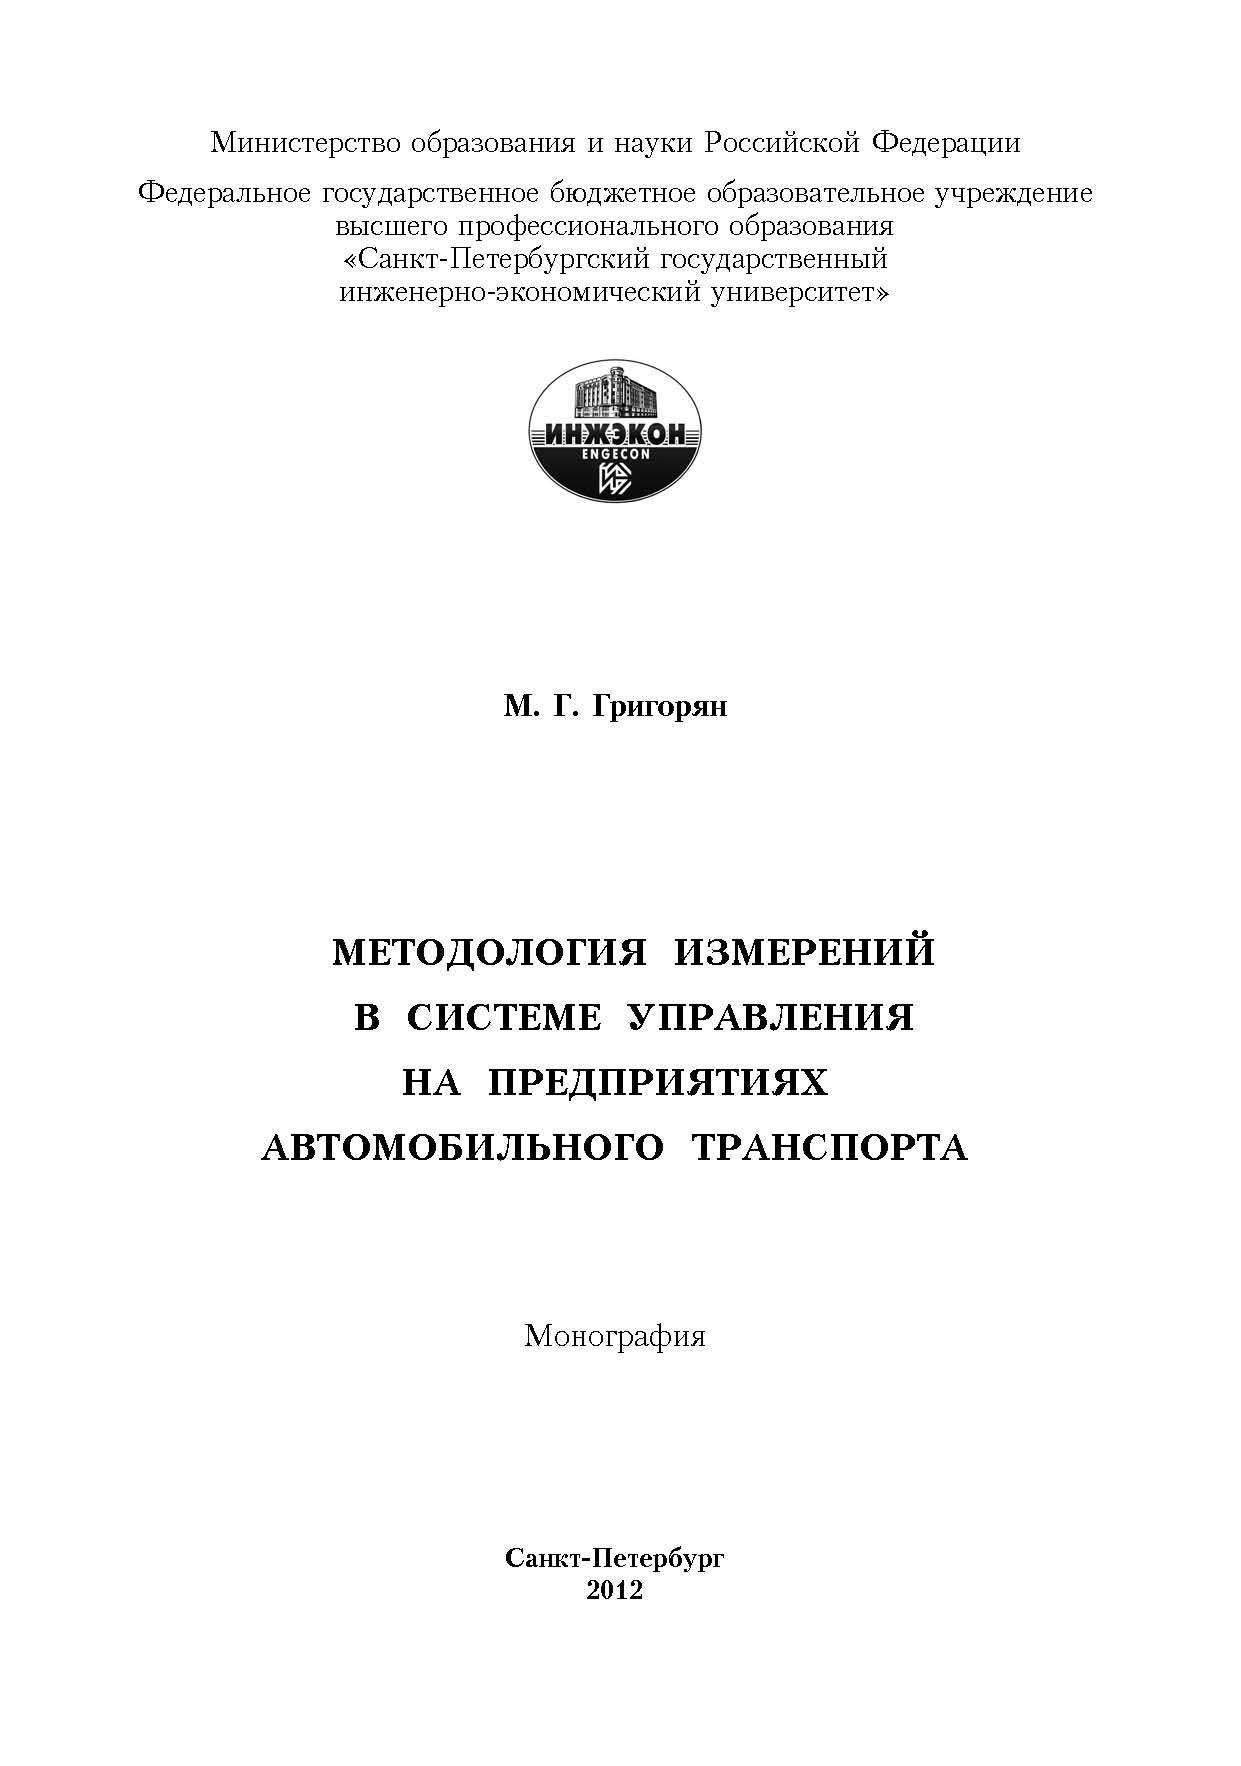 Методология измерений в системе управления на предприятиях автомобильного транспорта